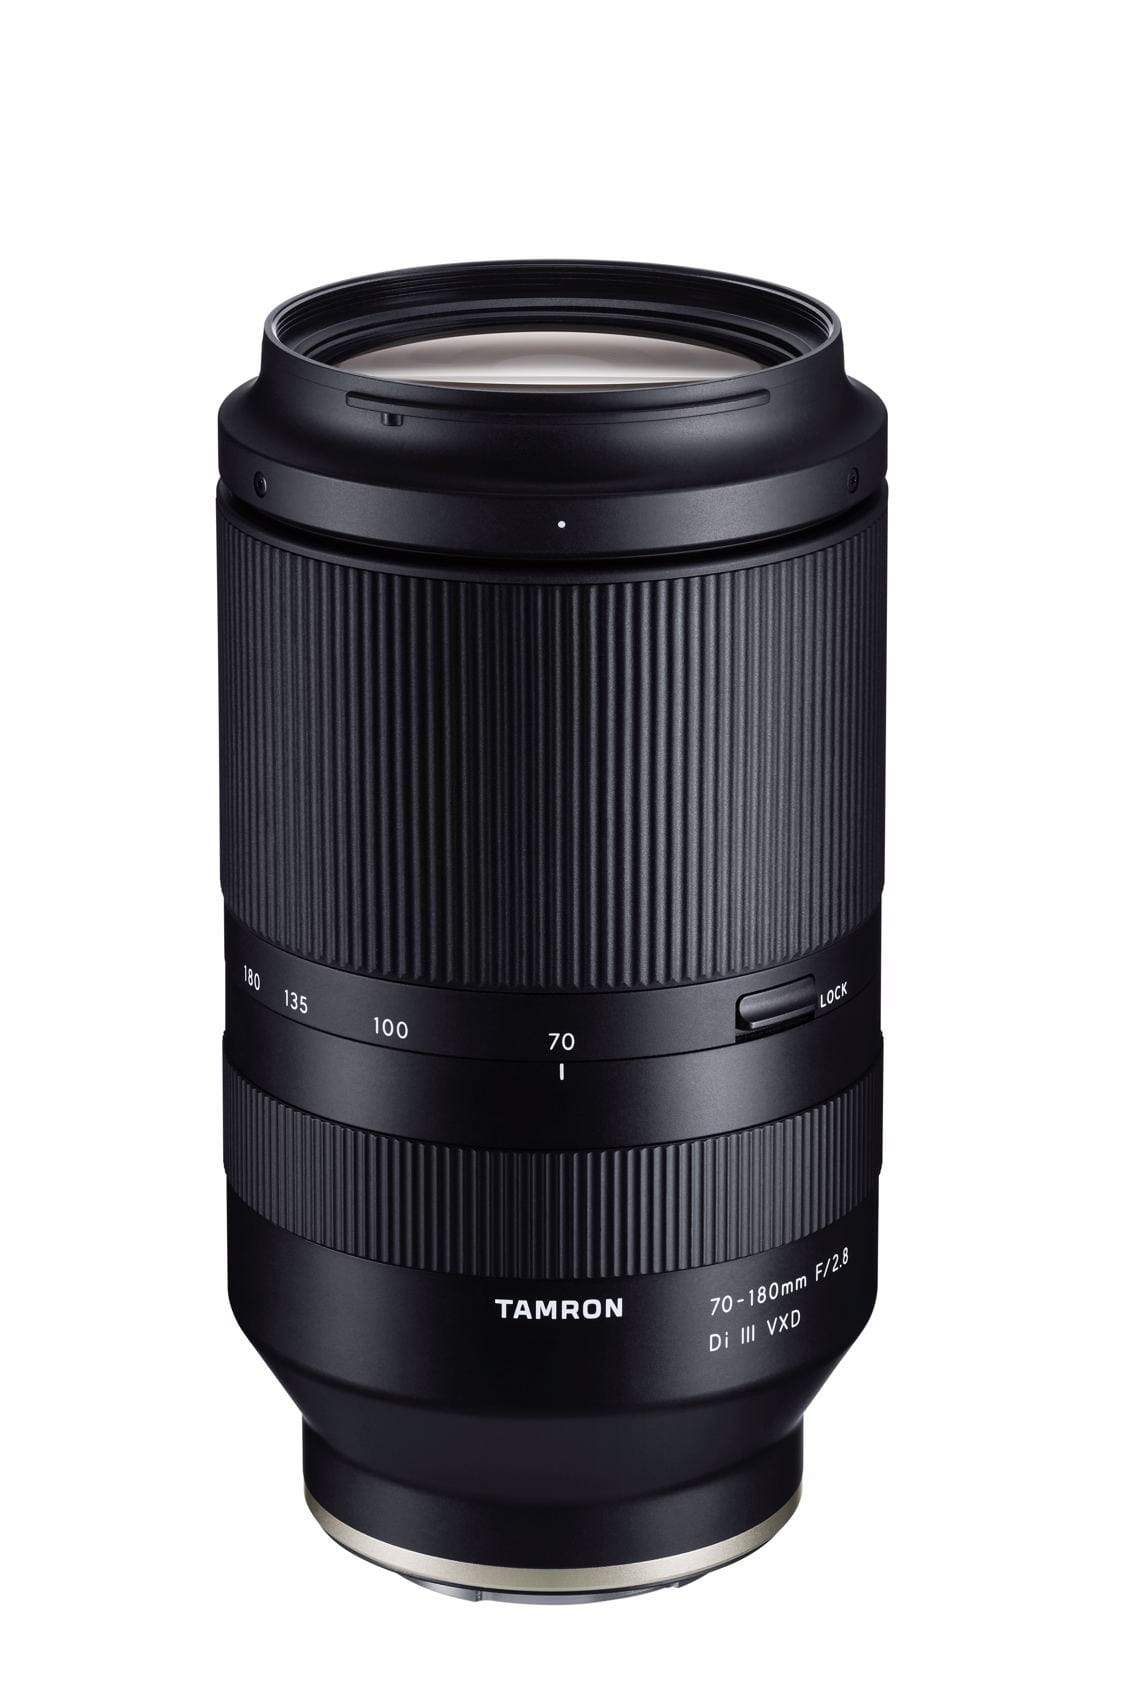 Tamron 70-180 mm f2.8 Di III VXD - Sony E